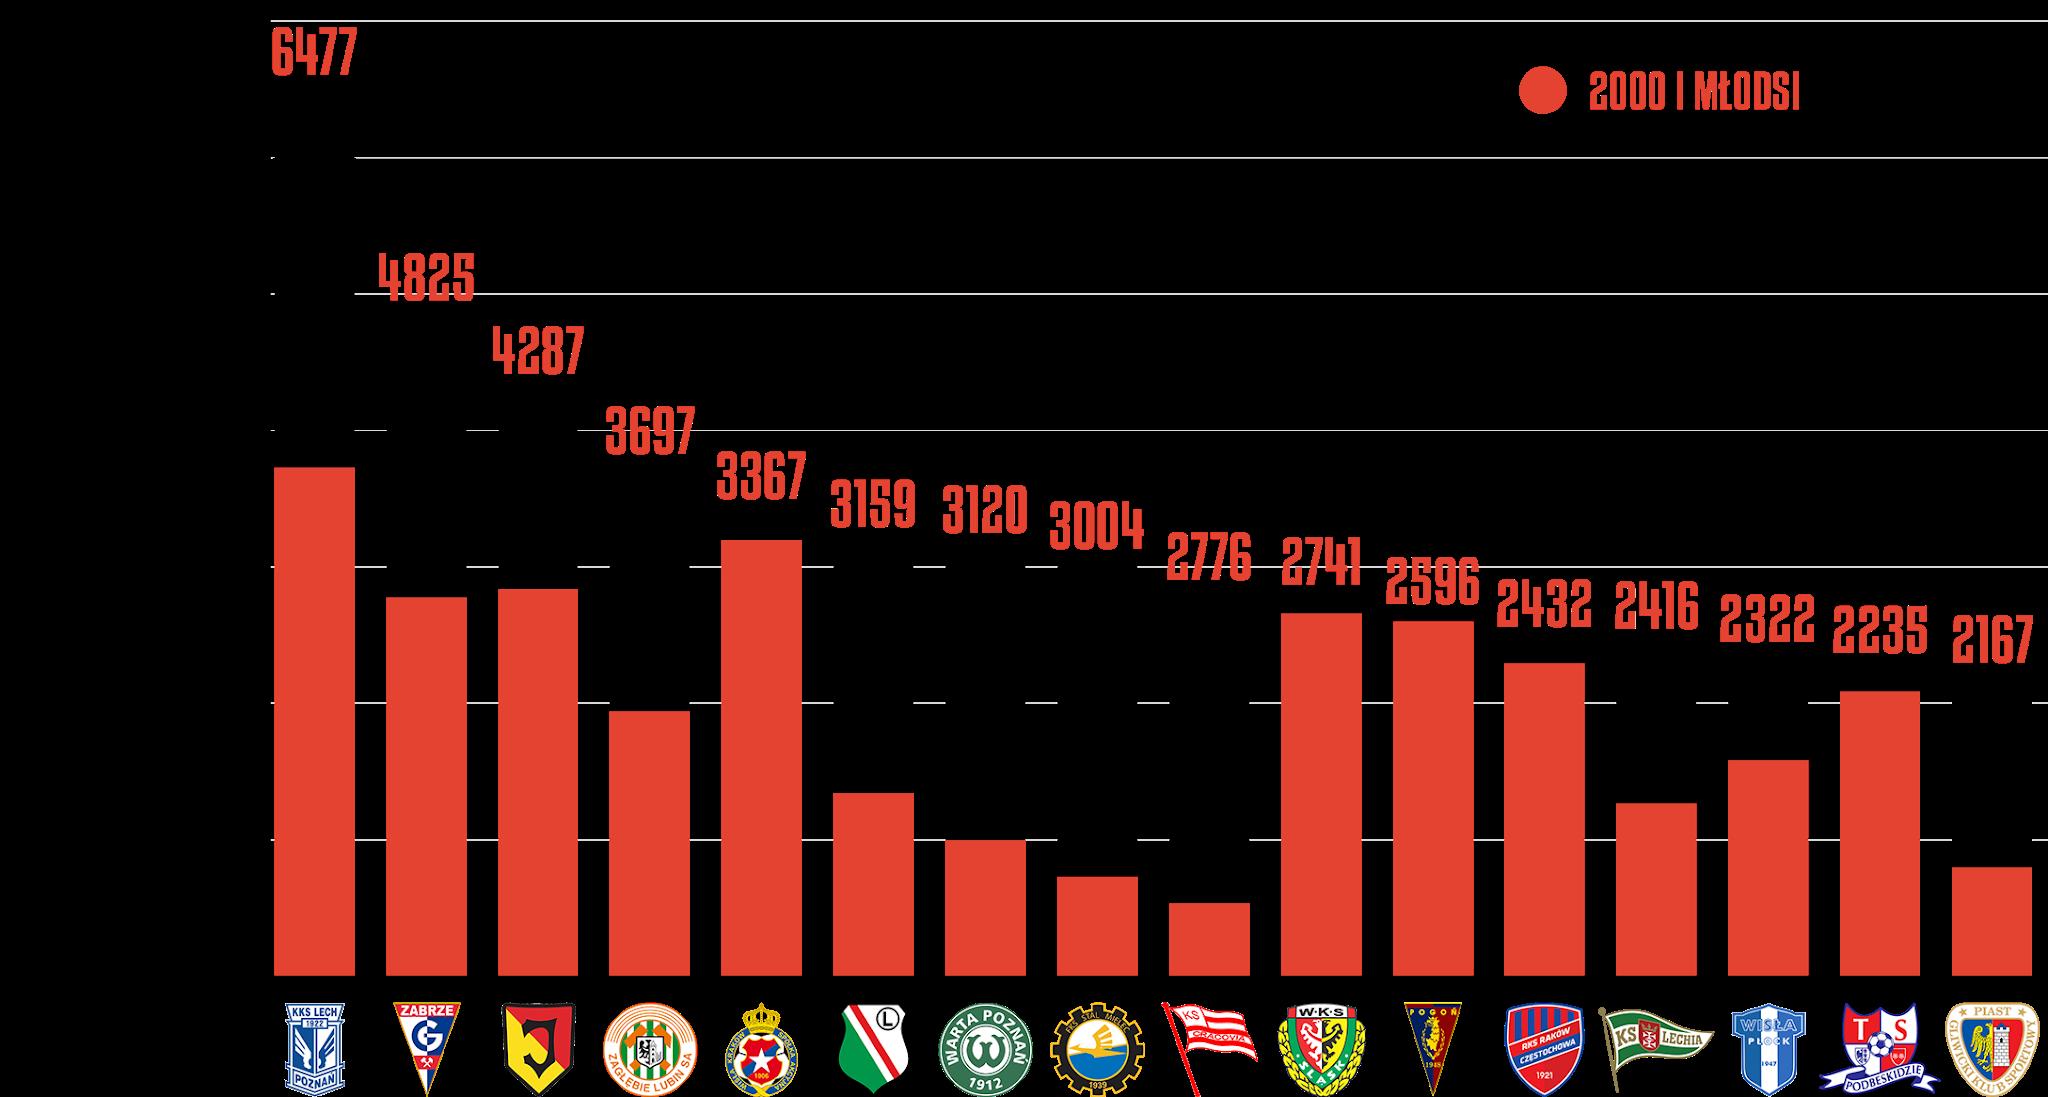 Klasyfikacja klubów pod względem rozegranego czasu przez młodzieżowców po24kolejkach PKO Ekstraklasy<br><br>Źródło: Opracowanie własne na podstawie ekstrastats.pl<br><br>graf. Bartosz Urban